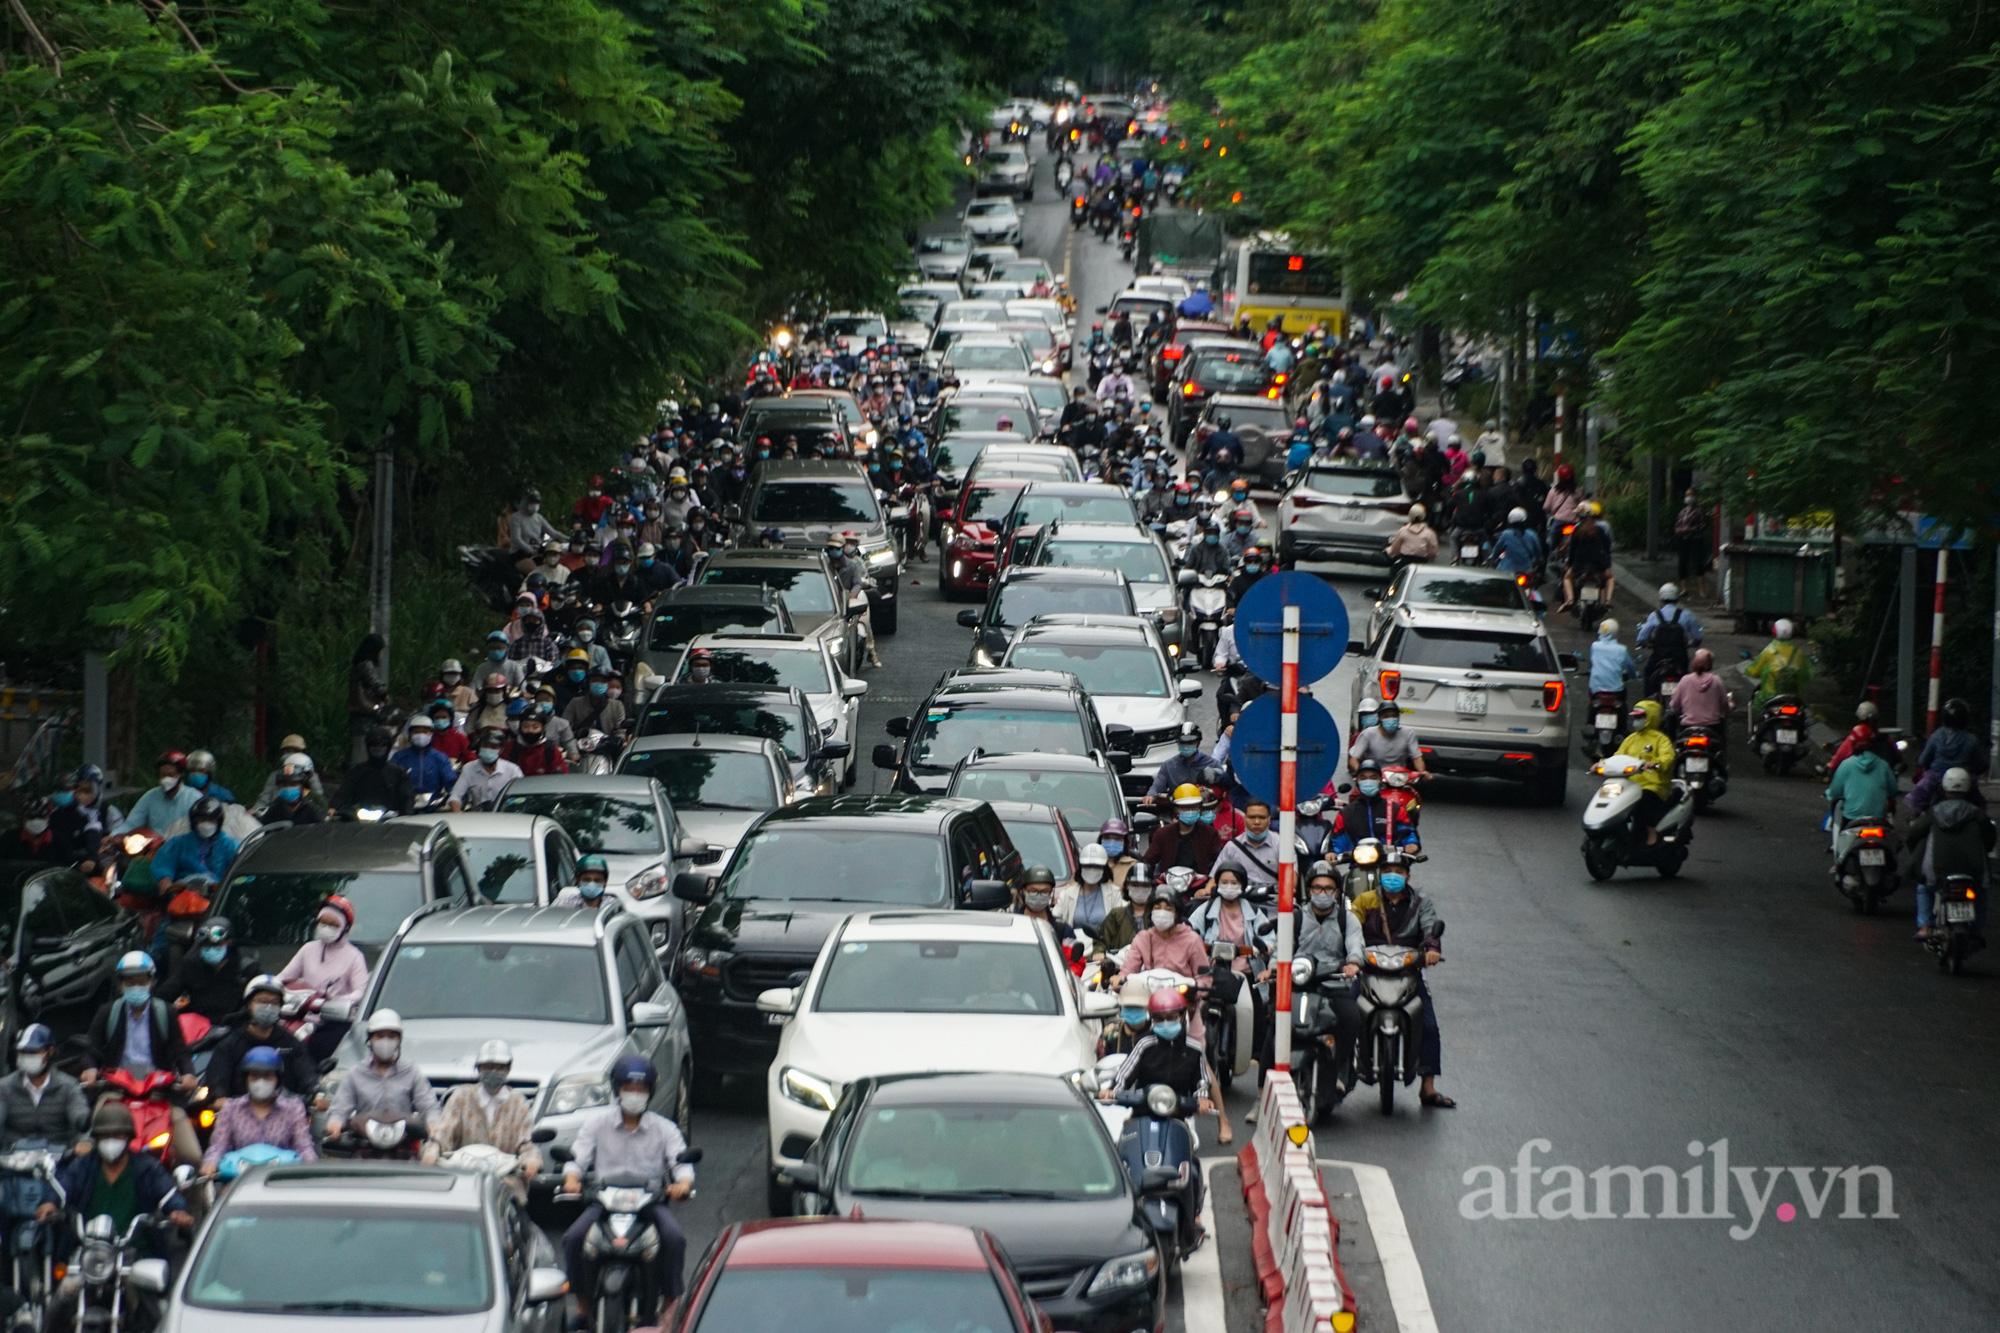 """Đường phố Hà Nội đông đúc ngày đầu """"bình thường mới"""" - Ảnh 4."""